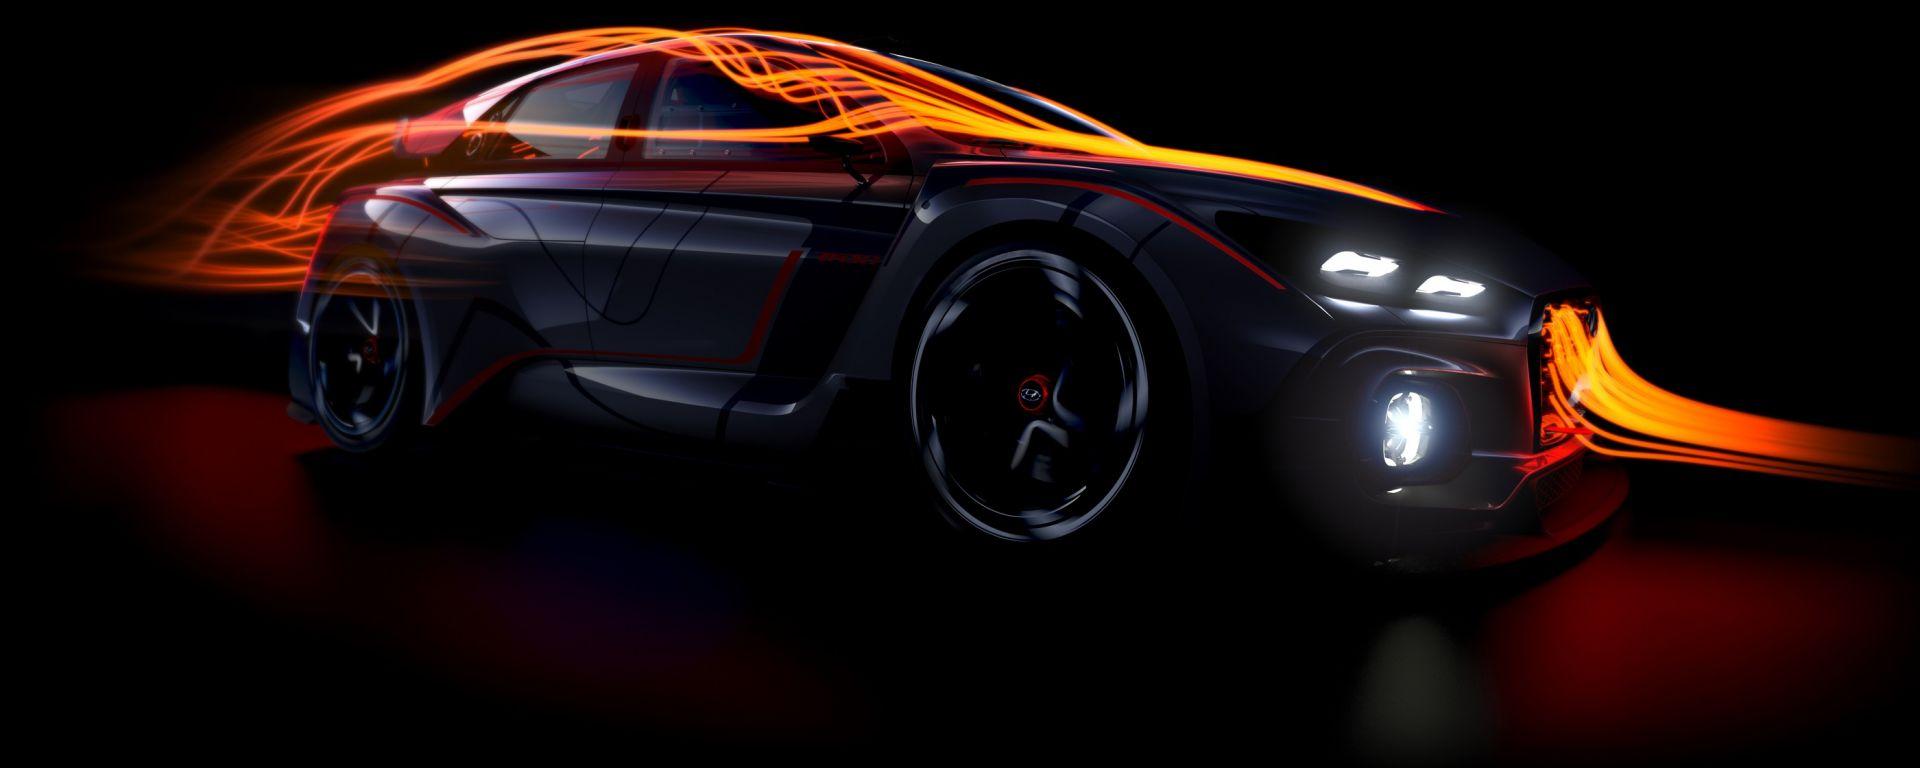 Hyundai RN30 N concept: la versione cattiva della i30 debutterà al Salone di Parigi 2016